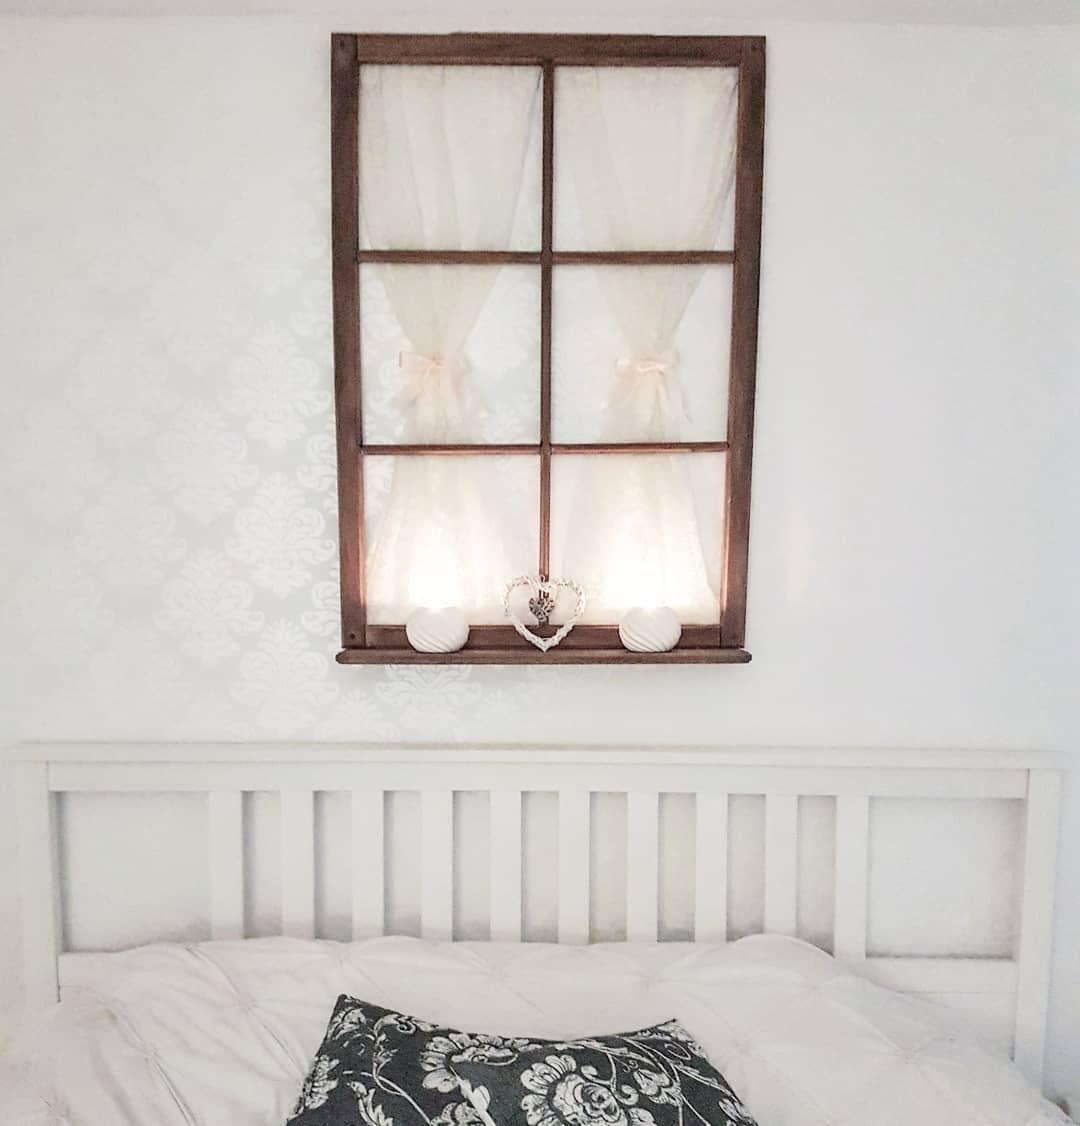 Что можно сделать из старого окна или рамы: фото, идея, декор